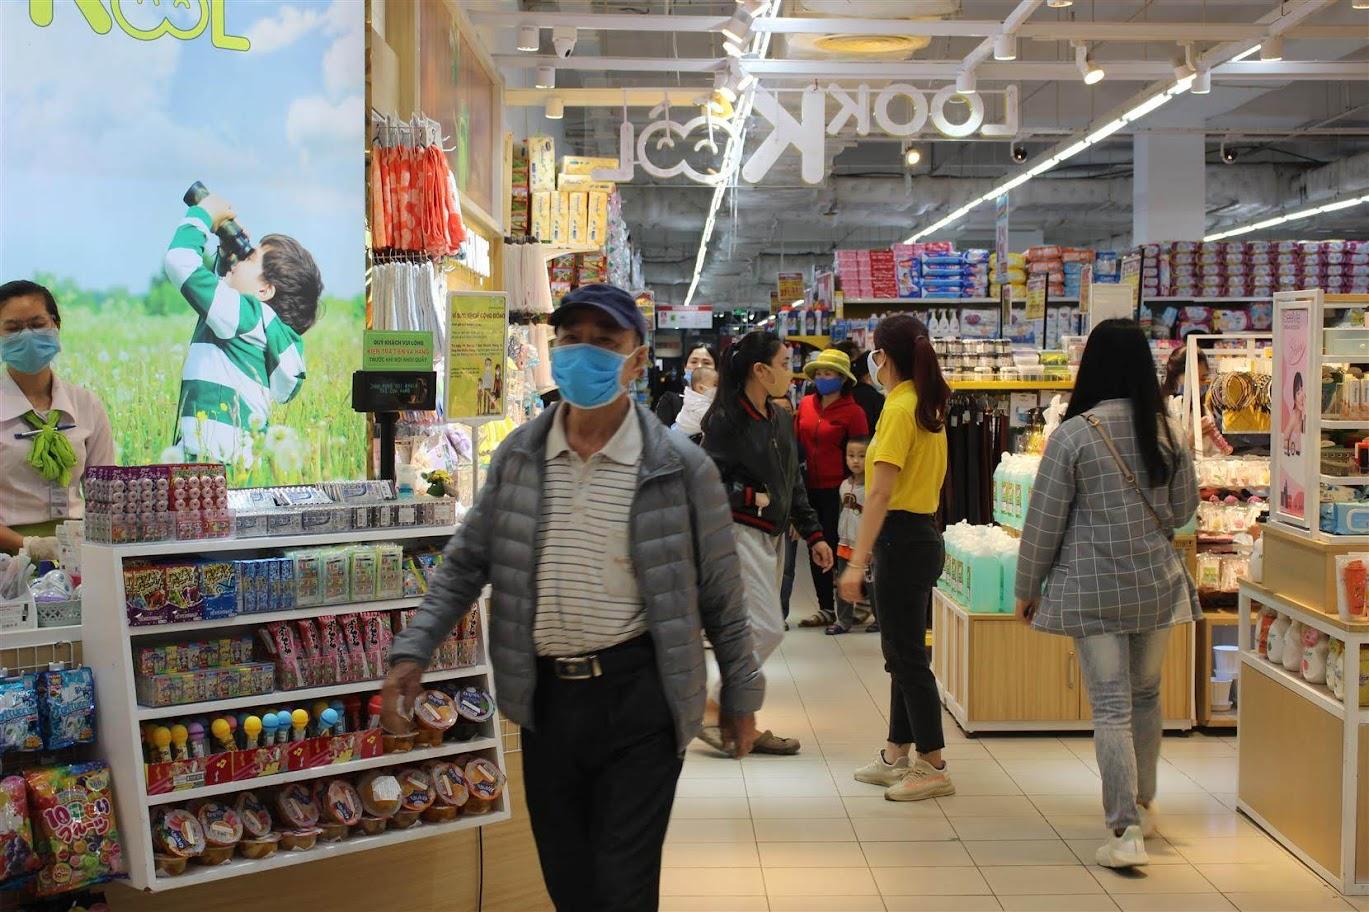 Theo ghi nhận của PV Báo Công an Nghệ An vào sáng ngày 18/3, tại siêu thị Big C Vinh, việc đeo khẩu trang được thực hiện khá nghiêm túc.